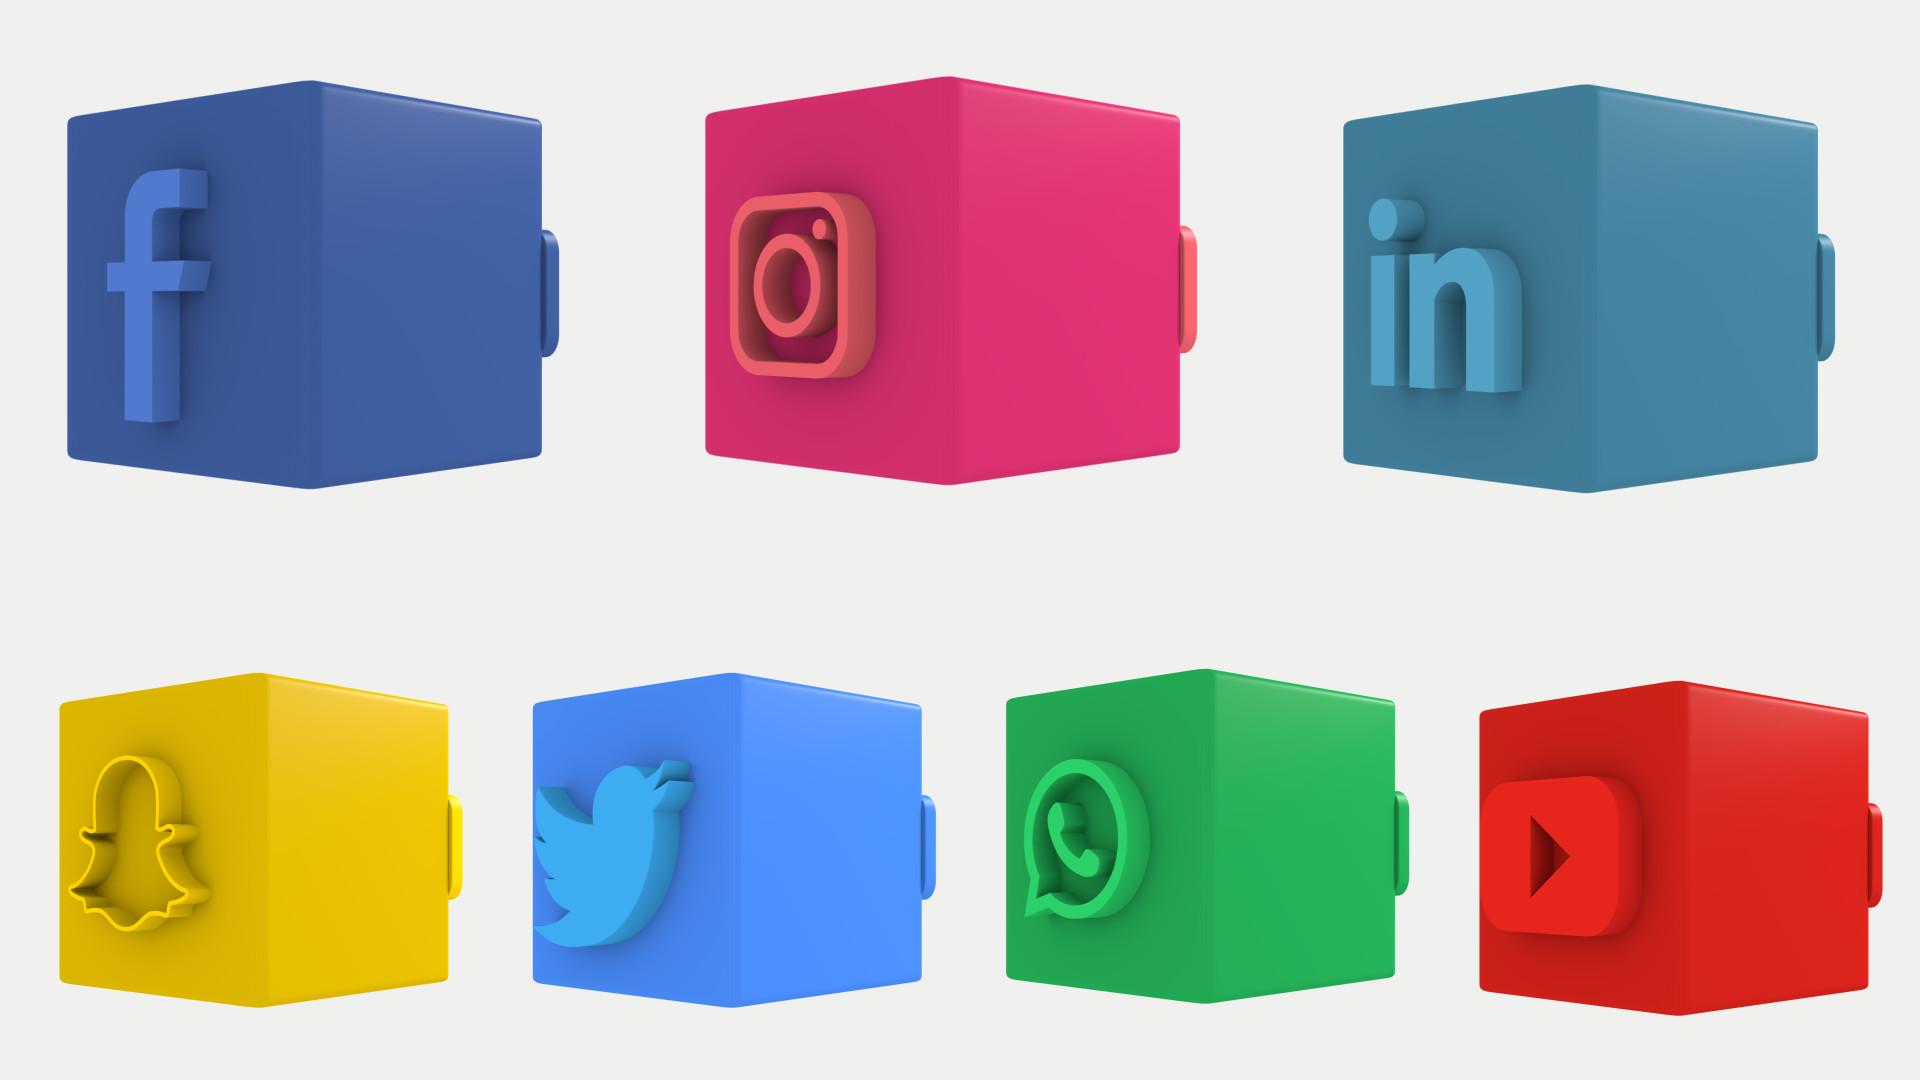 3D Social Media Lower Thirds - Premiere Pro Templates 86161